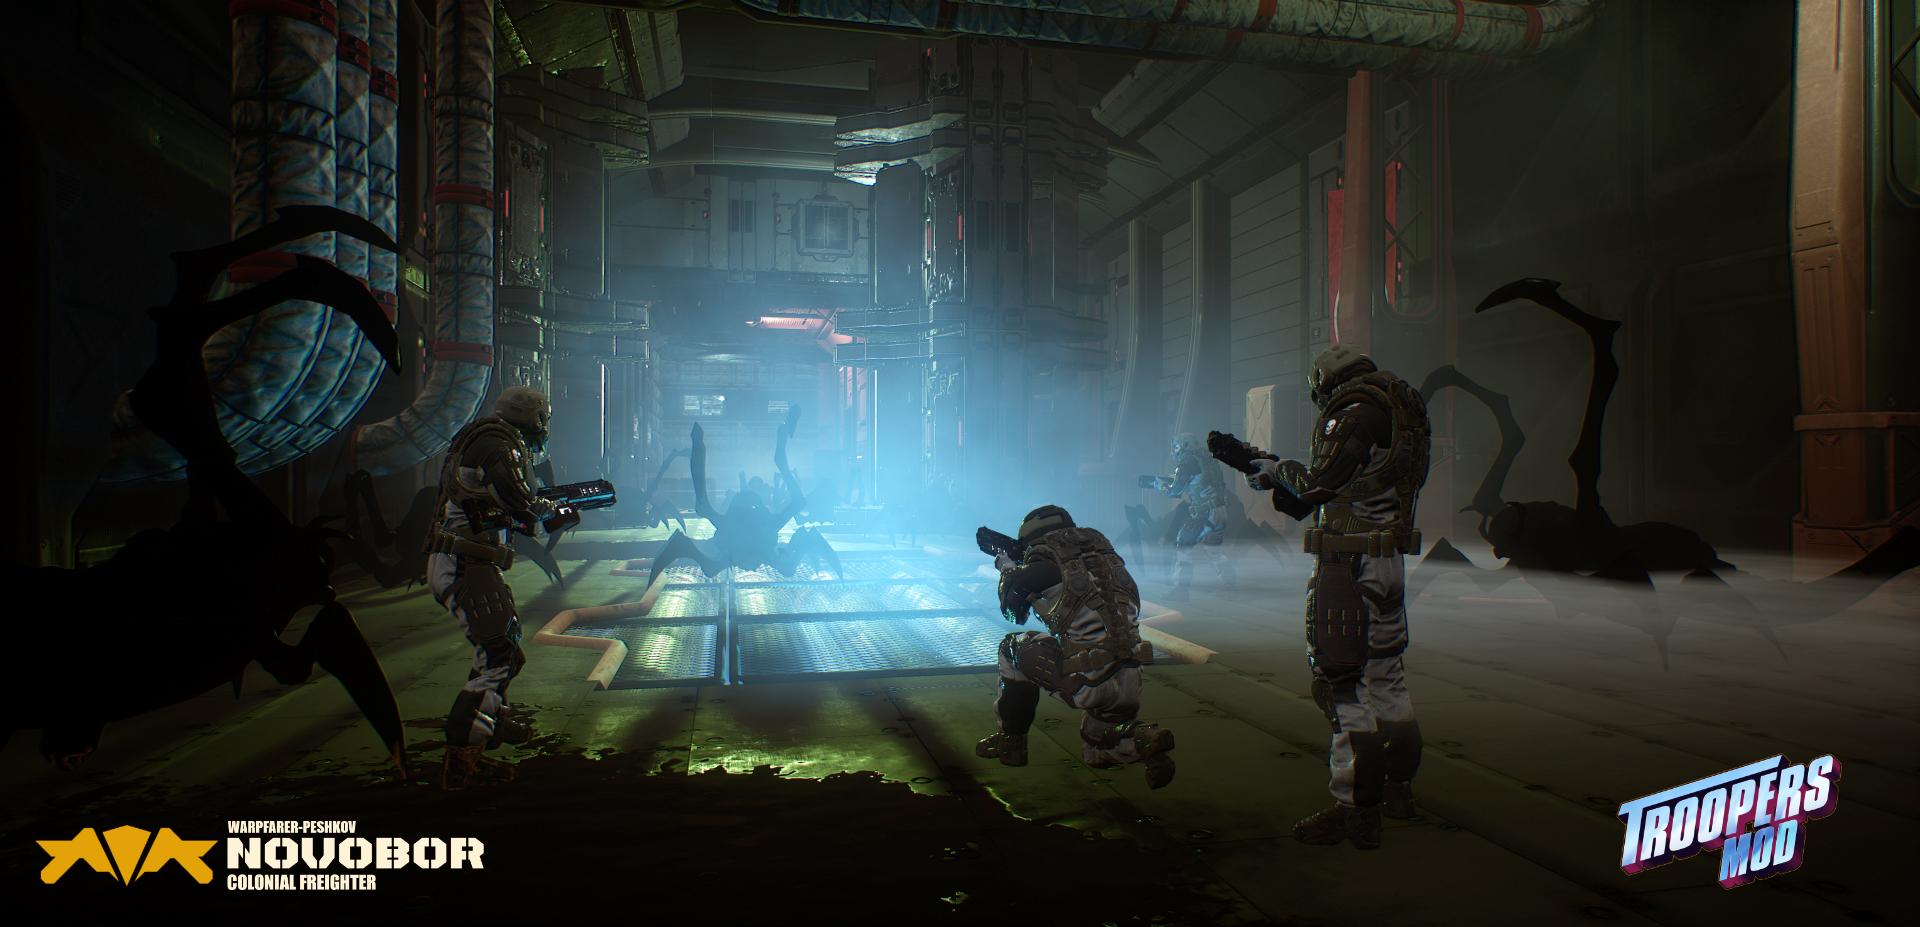 troopers1.jpg